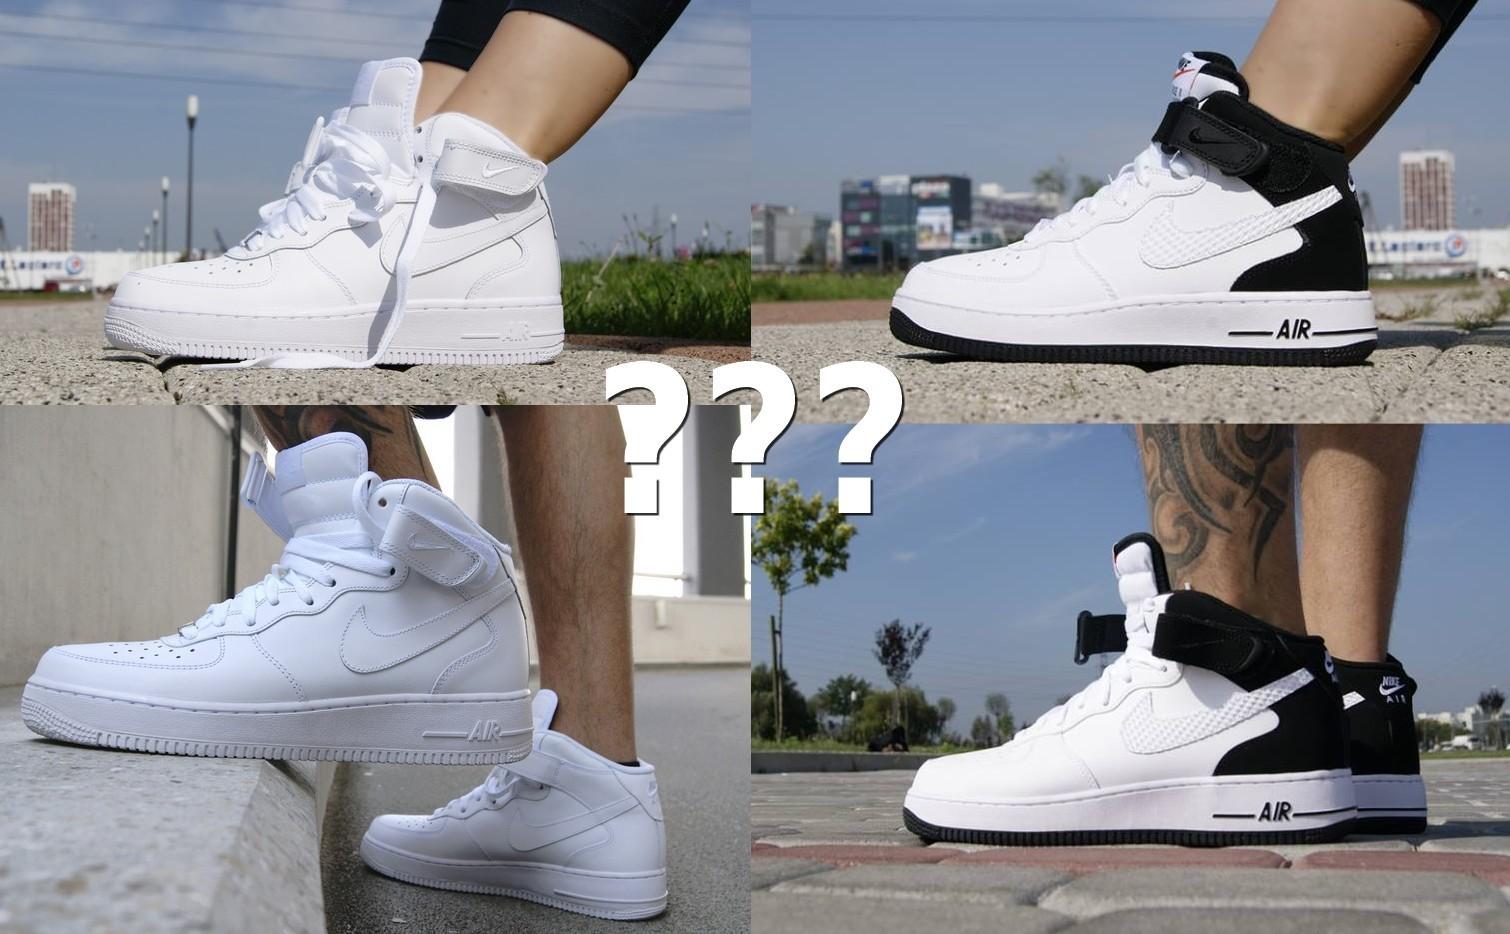 wholesale dealer d0c89 69c19 Czym się różnią Nike Air Force męskie od damskich - sklep Butyjana.pl